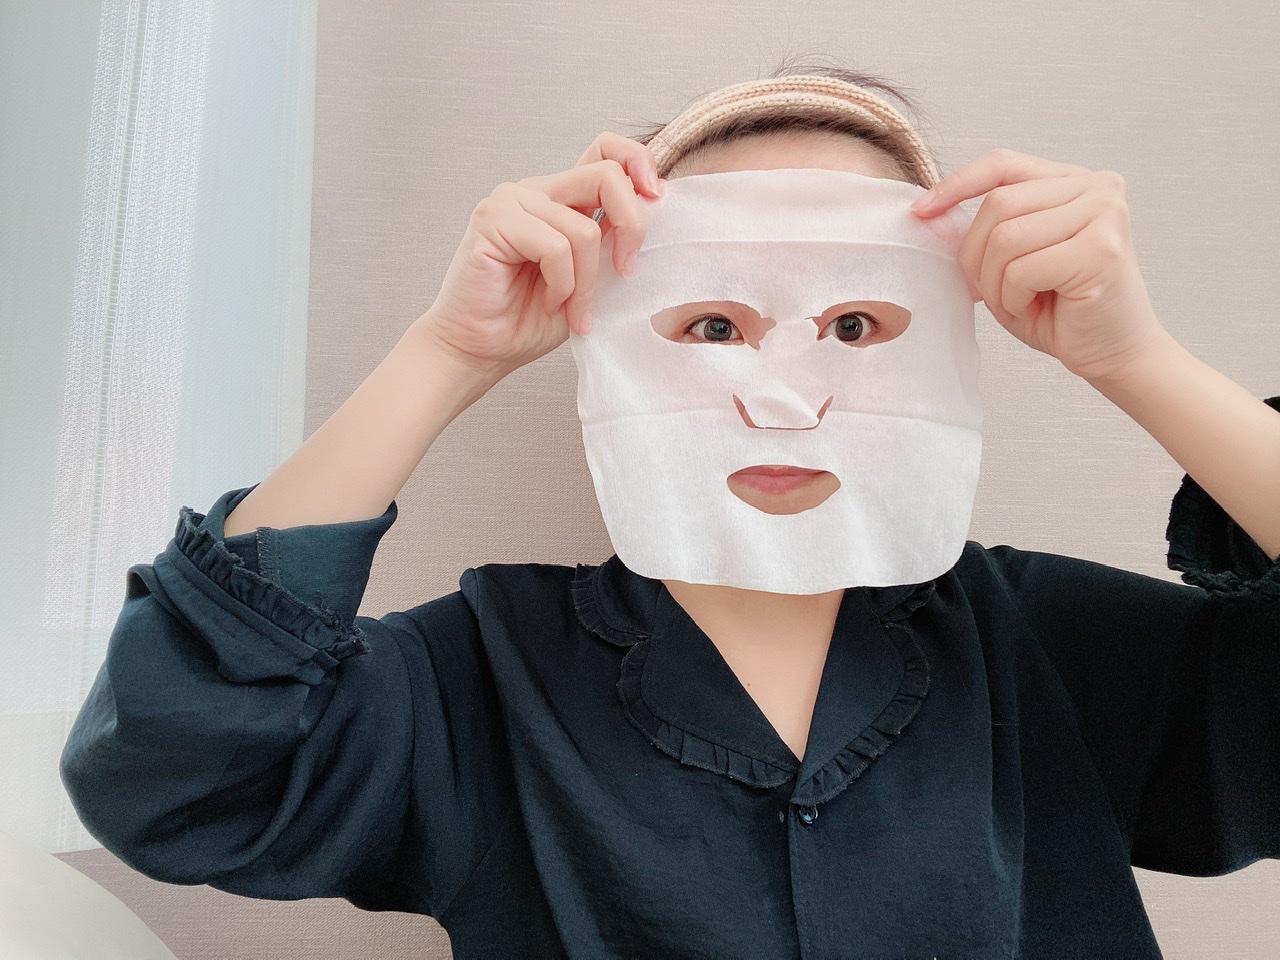 【Saborino(サボリーノ)】忙しい朝の強い味方★朝用マスクで60秒でスキンケア完了!_2